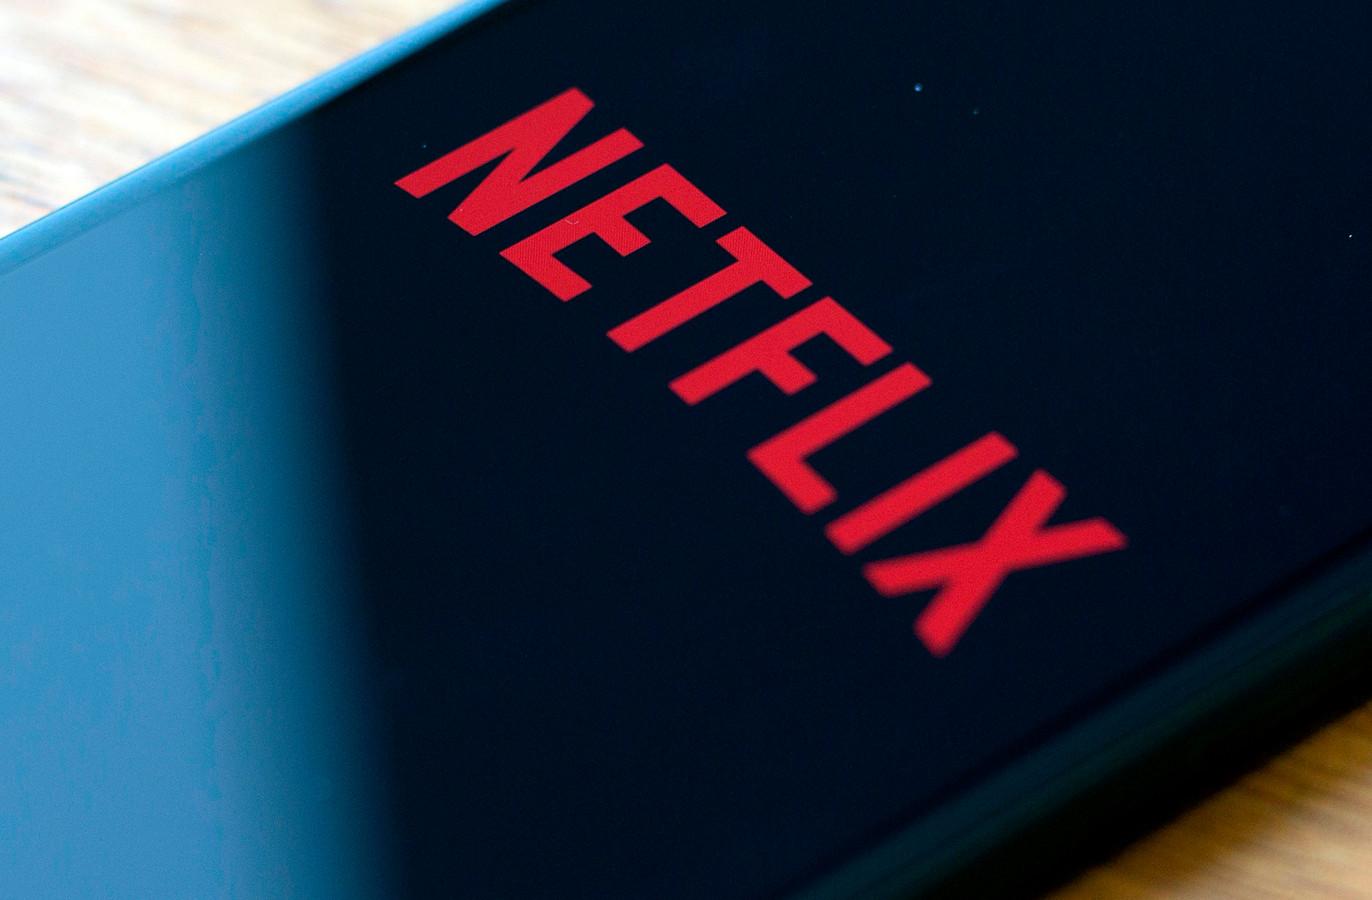 Het logo van Netflix.